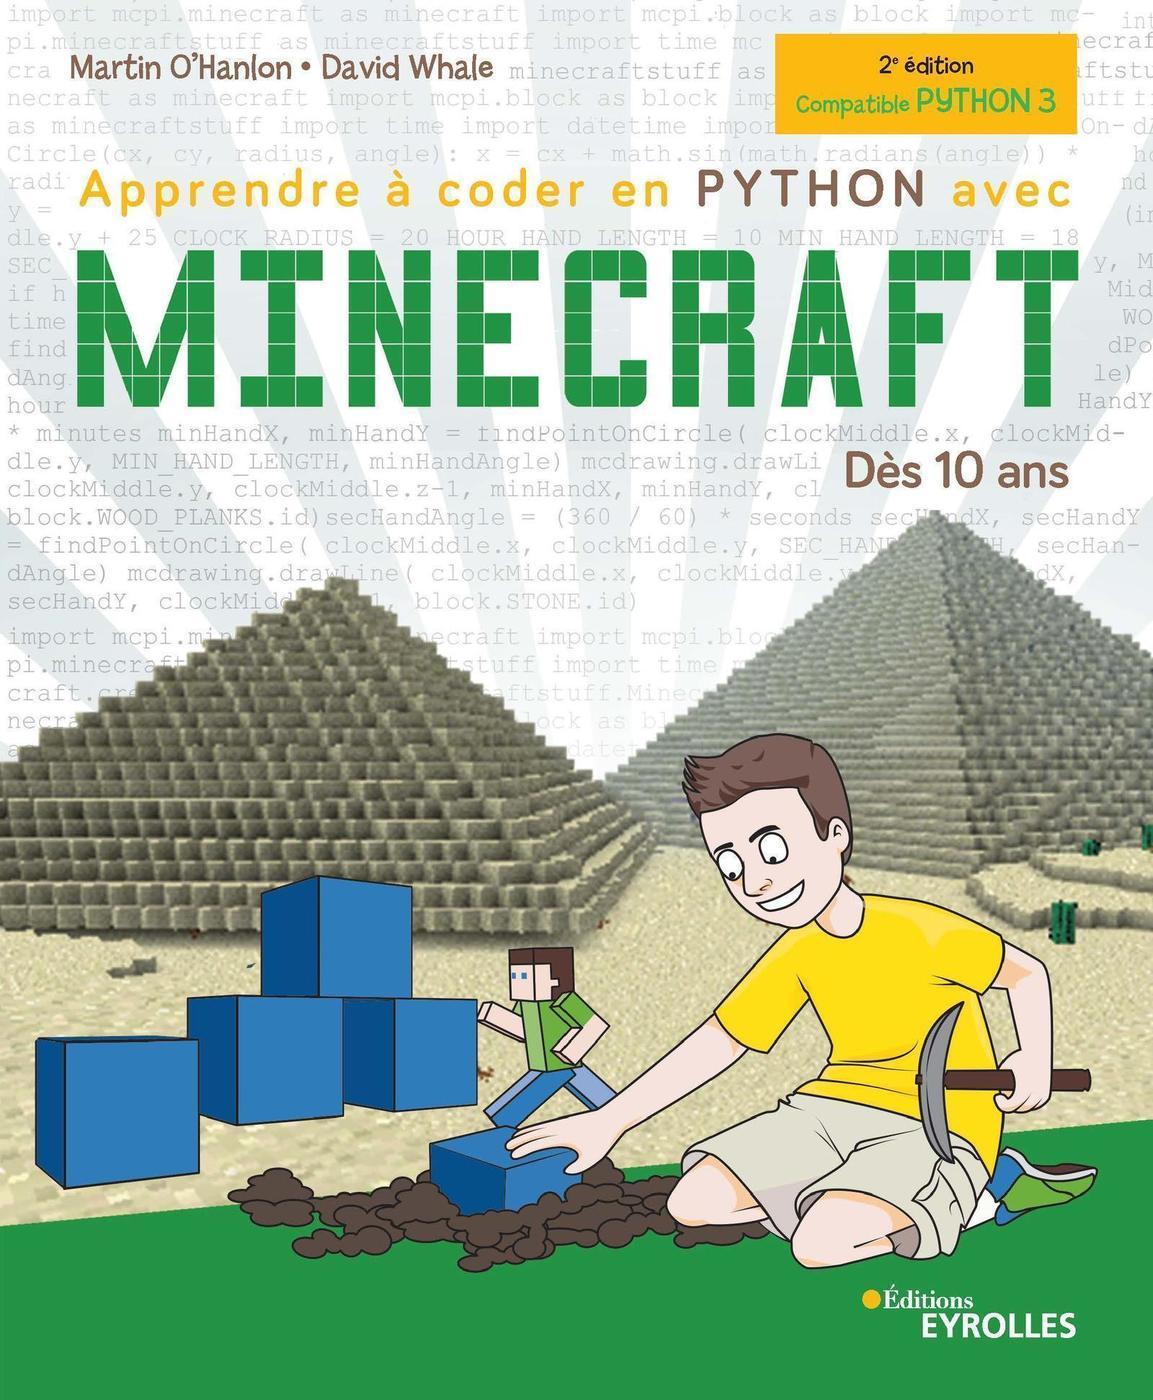 Apprendre A Coder En Python Avec Minecraft M O Hanlon D Whale Librairie Eyrolles